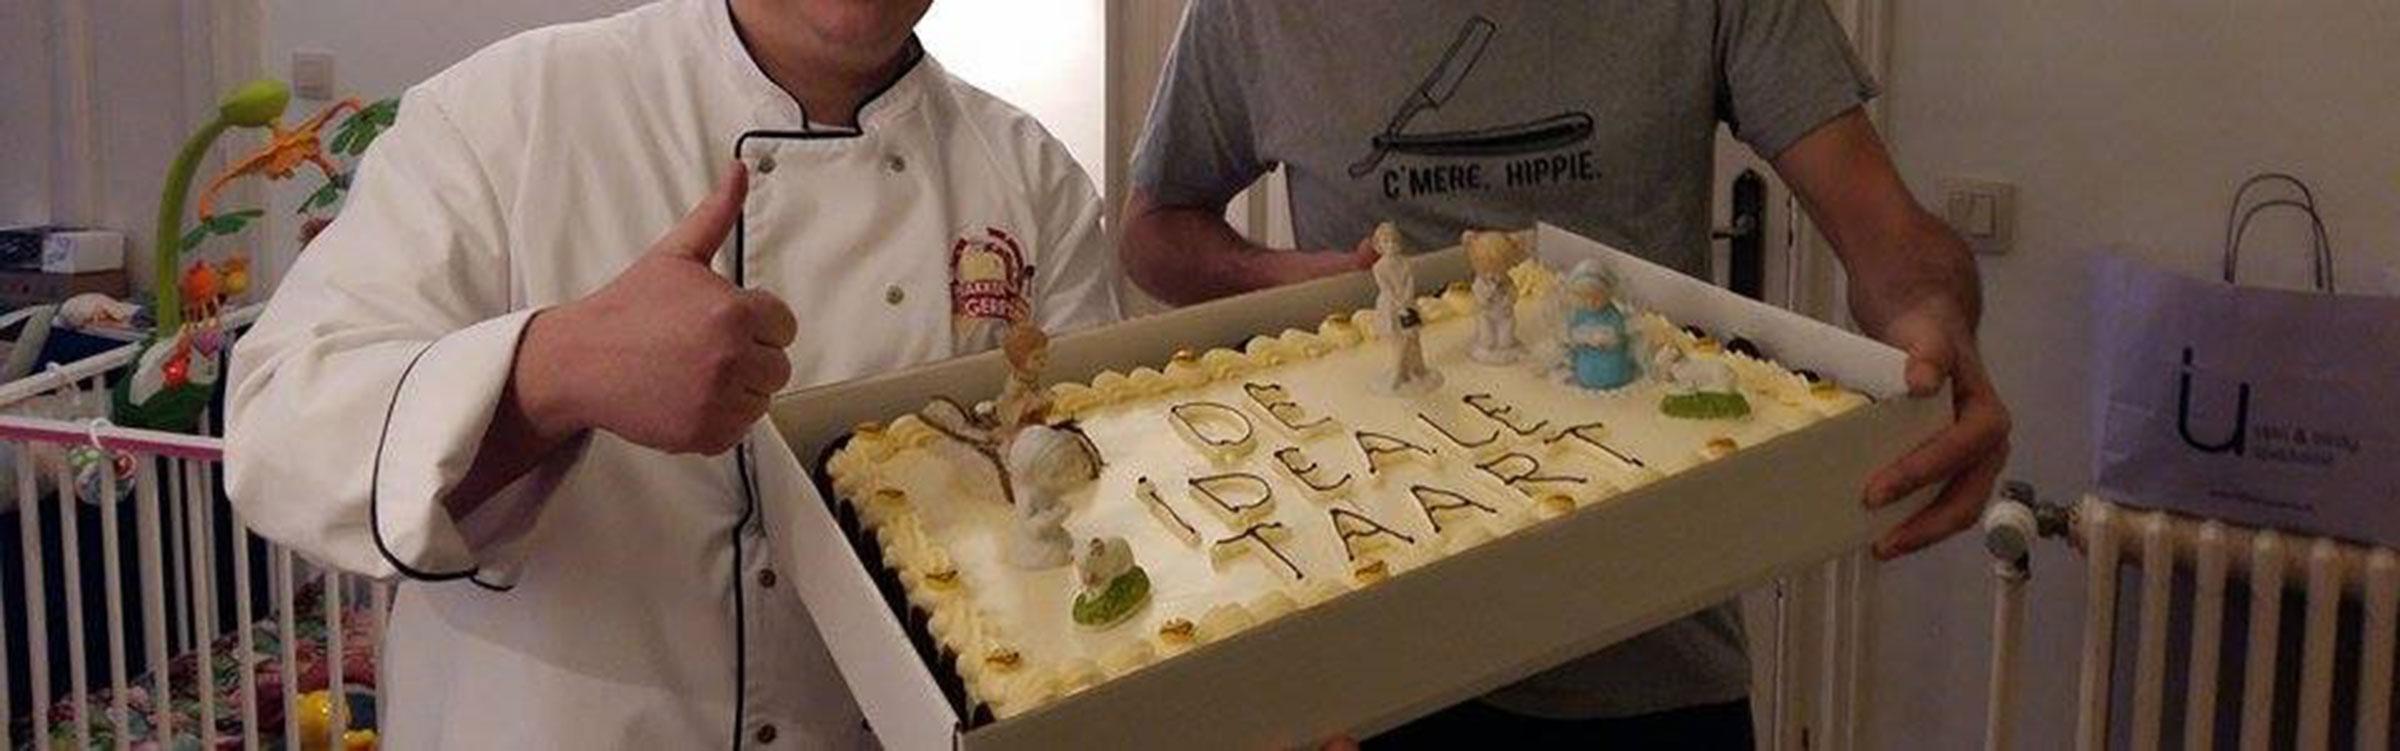 Ideale taart